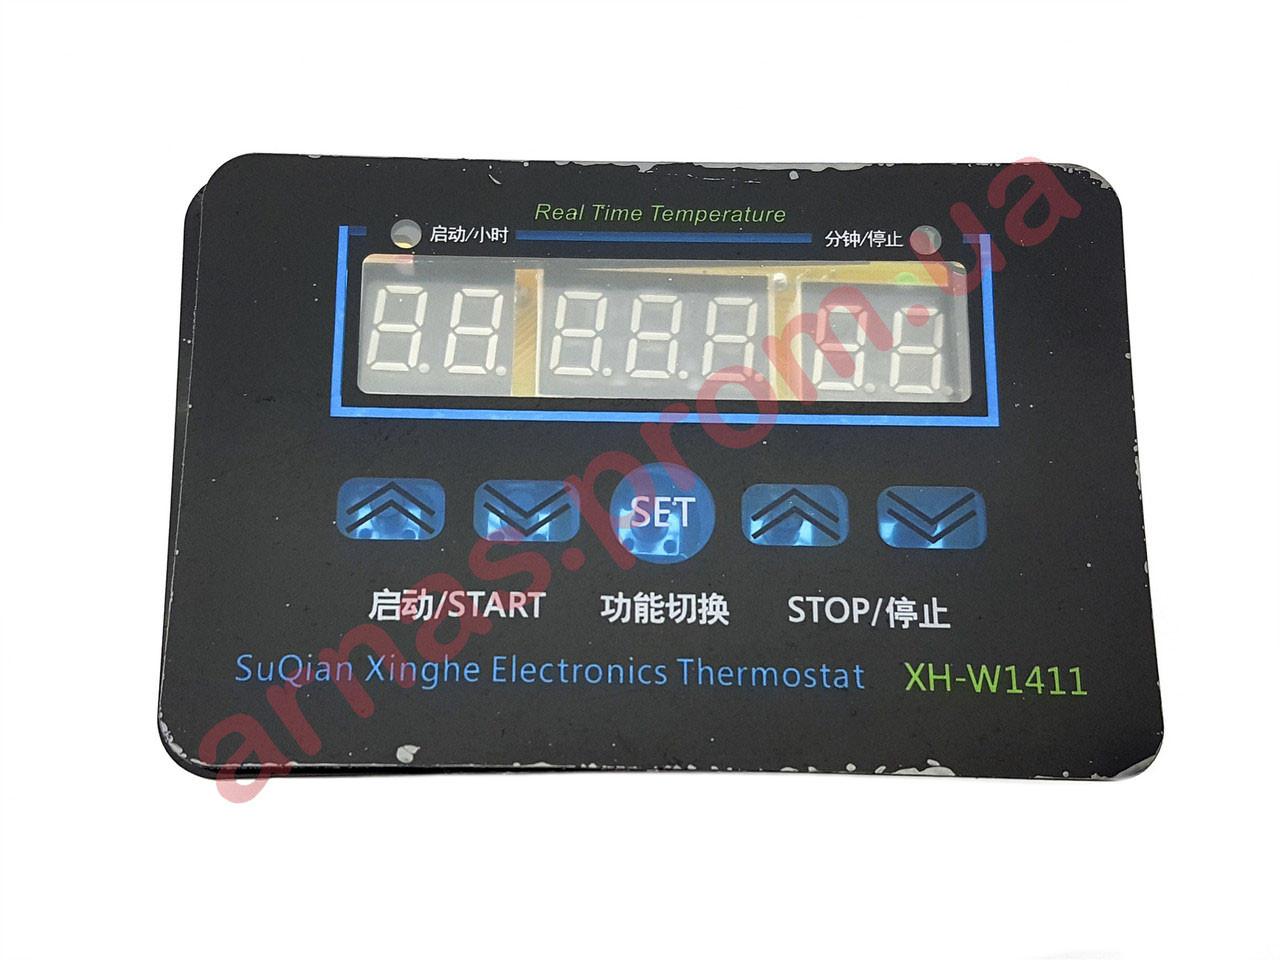 Термостат (терморегулятор) цифровой XH-W1411 с контролем температуры